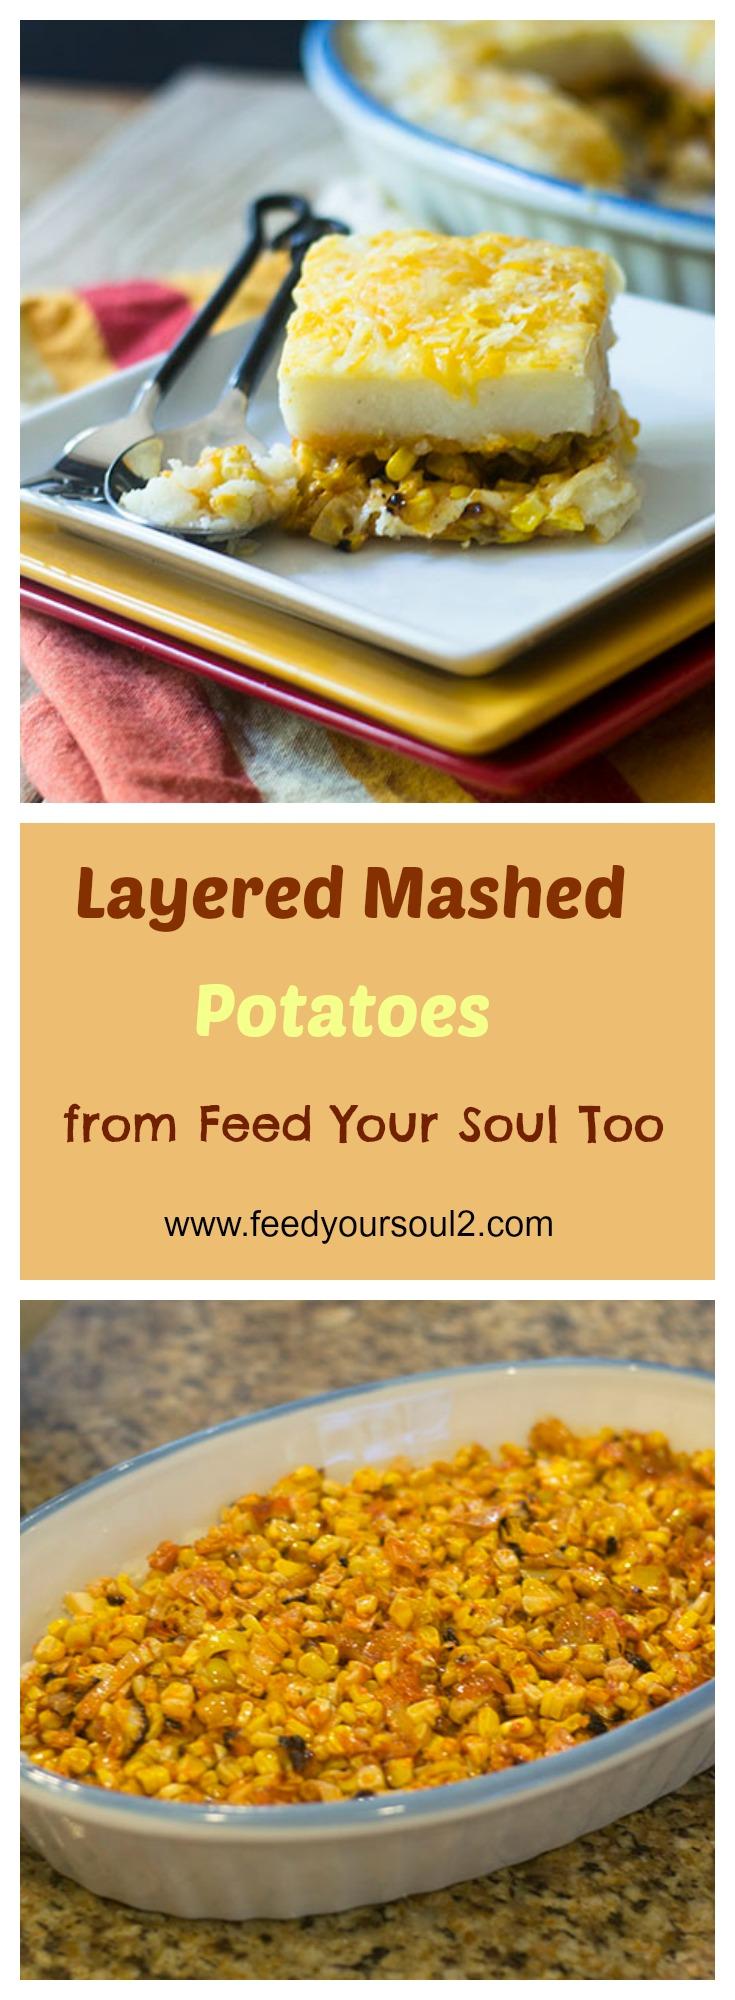 Layered Mashed Potatoes #sidedish #potatoes #Thanksgiving | feedyoursoul2.com